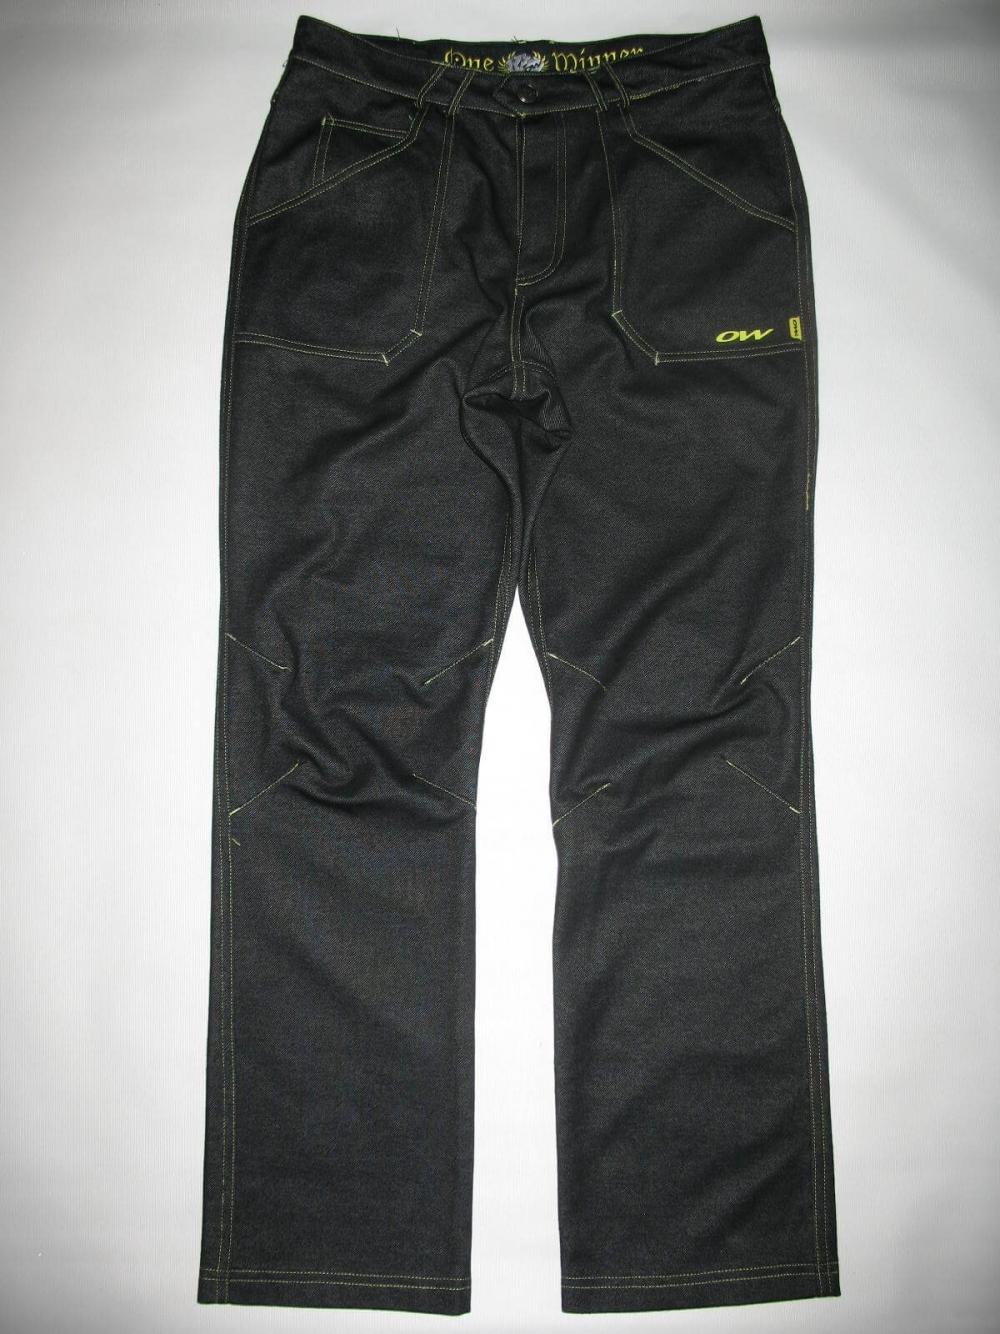 Штаны OW one winner pants (размер М) - 1